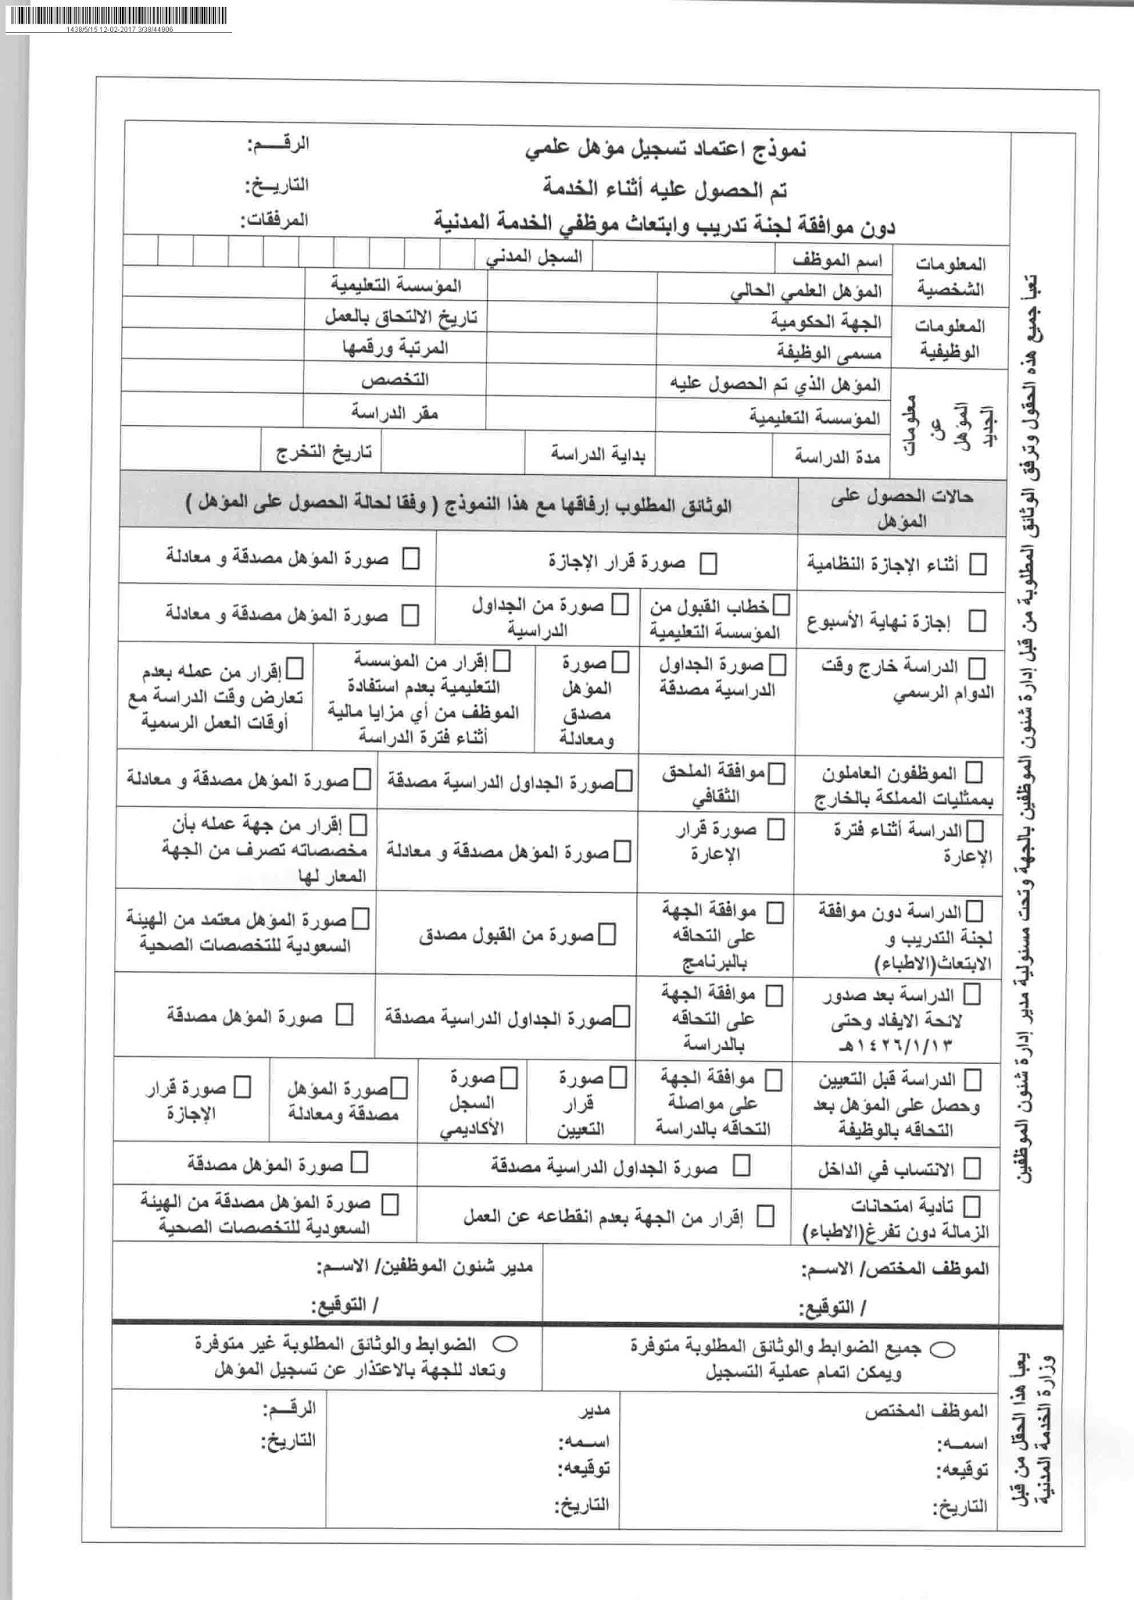 نموذج استقدام - Arabic News Collections